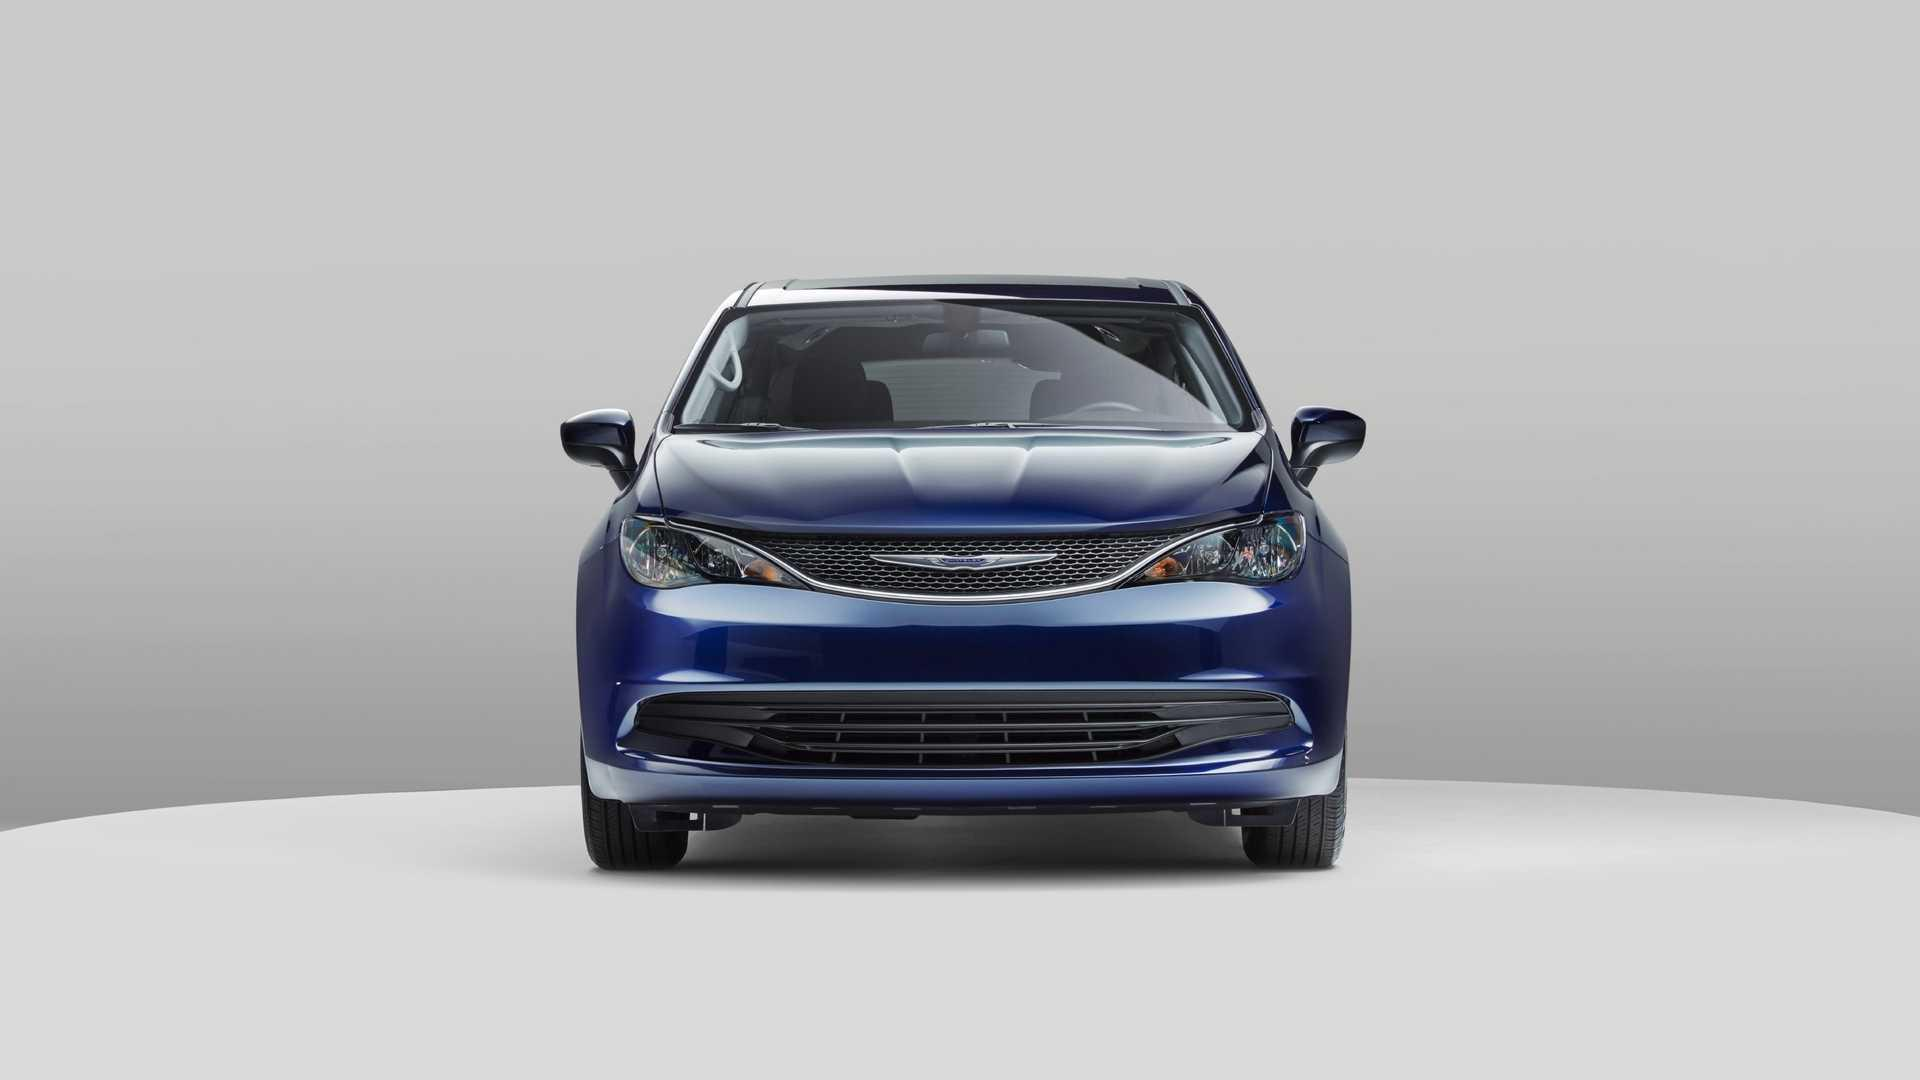 车宽超2米,标配六缸油耗才7.5L,这最佳MPV光座椅就花了4亿刀